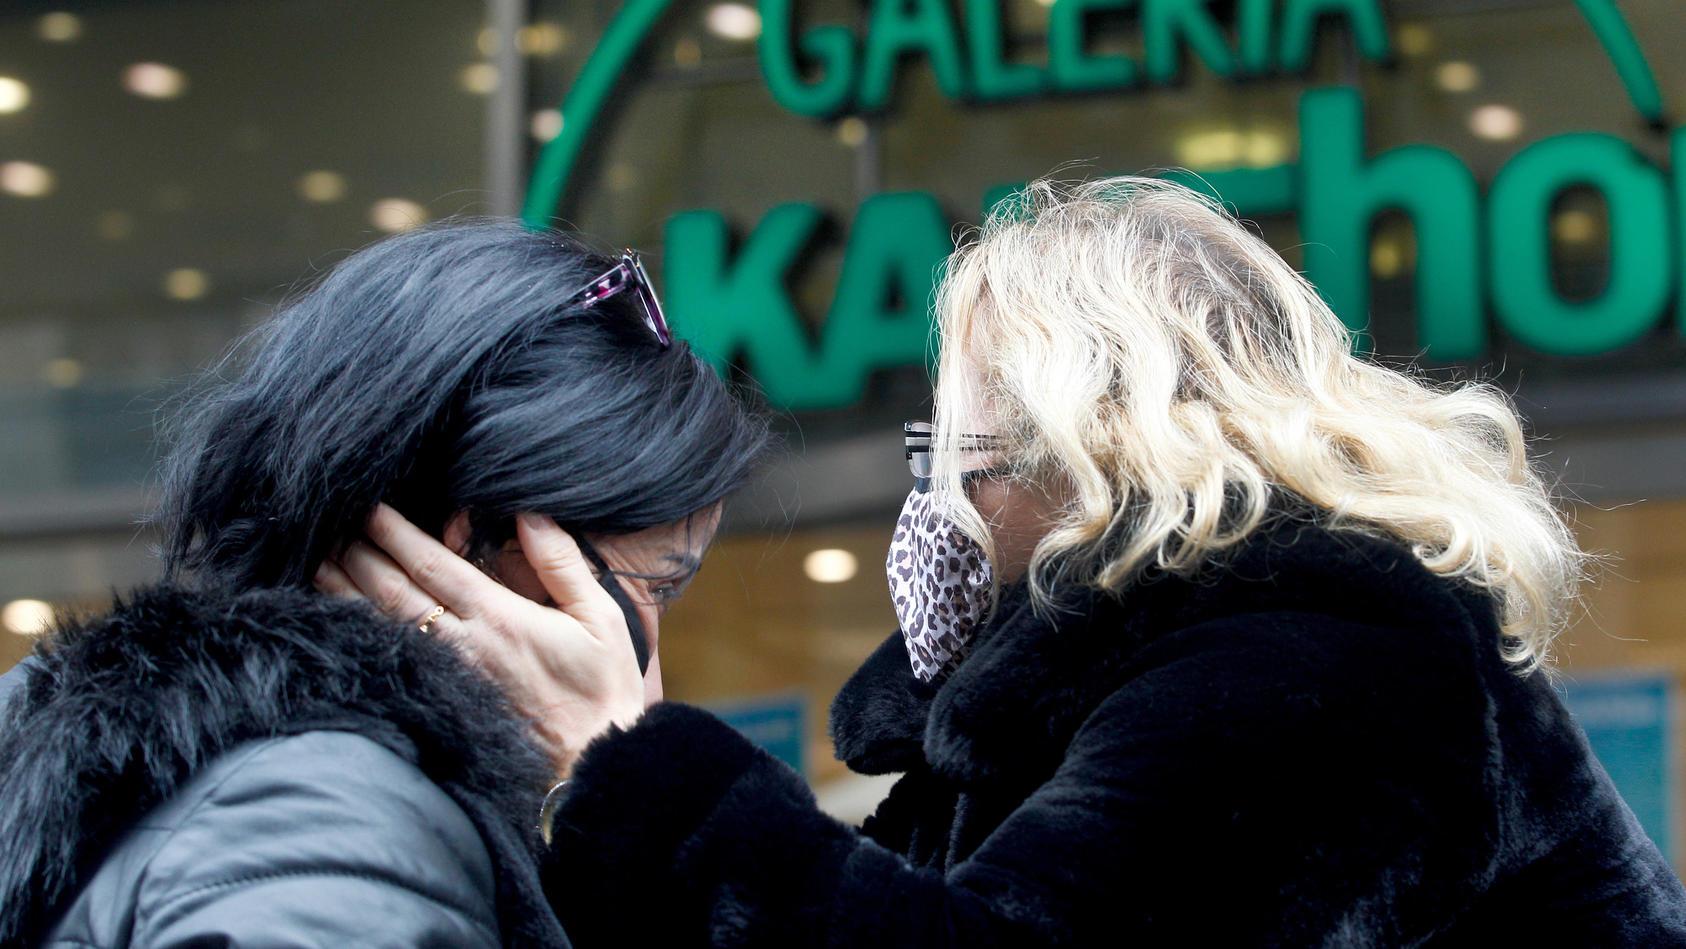 17.10.2020, Nordrhein-Westfalen, Düsseldorf: Die beiden Galeria Kaufhof Mitarbeiterinnen Habibe Shoensi (l) und Ergül Altekin trösten sich am Tag der Schließung ihrer Filiale.